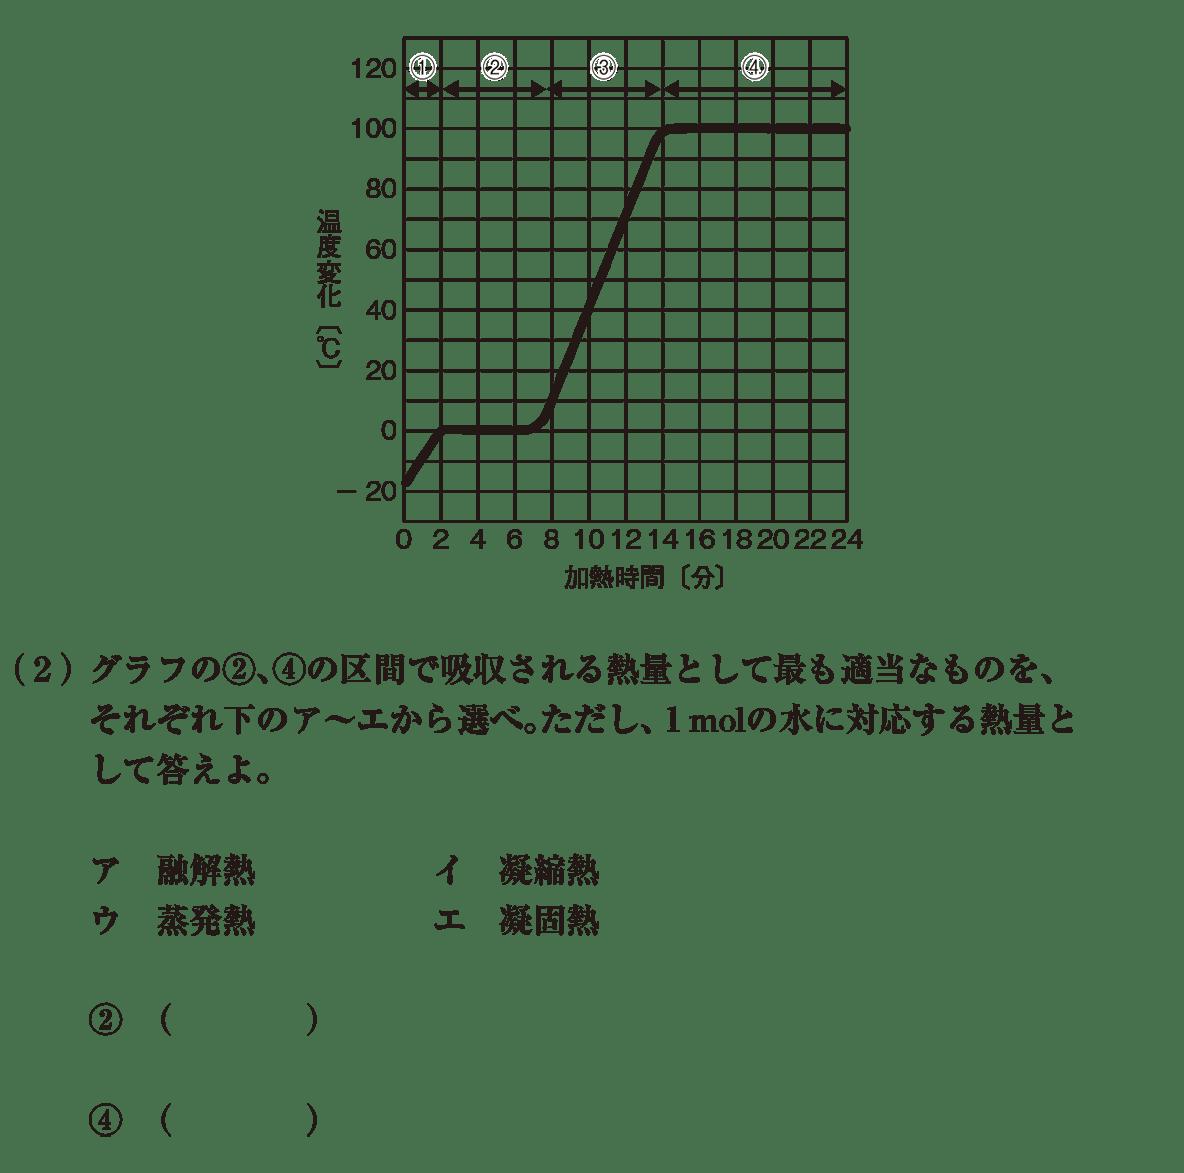 高校化学 物質の状態と平衡 練習 グラフと(2)